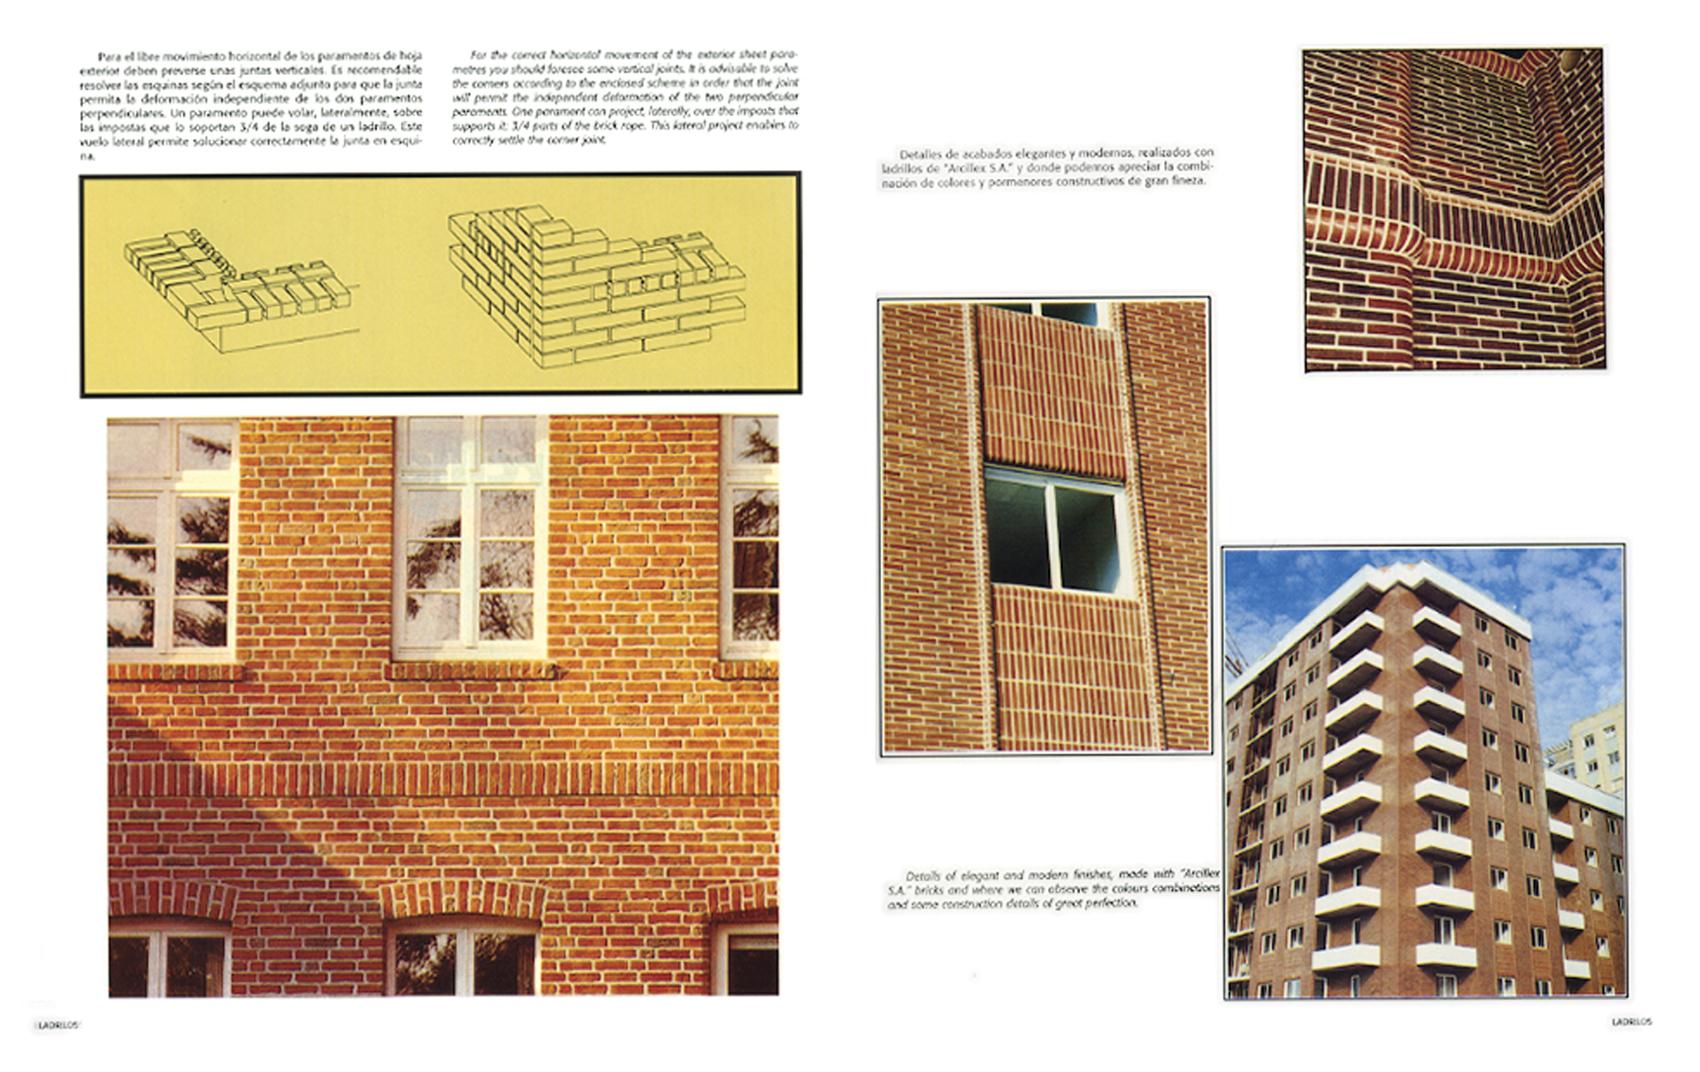 arquitectura y construccion_3.jpg